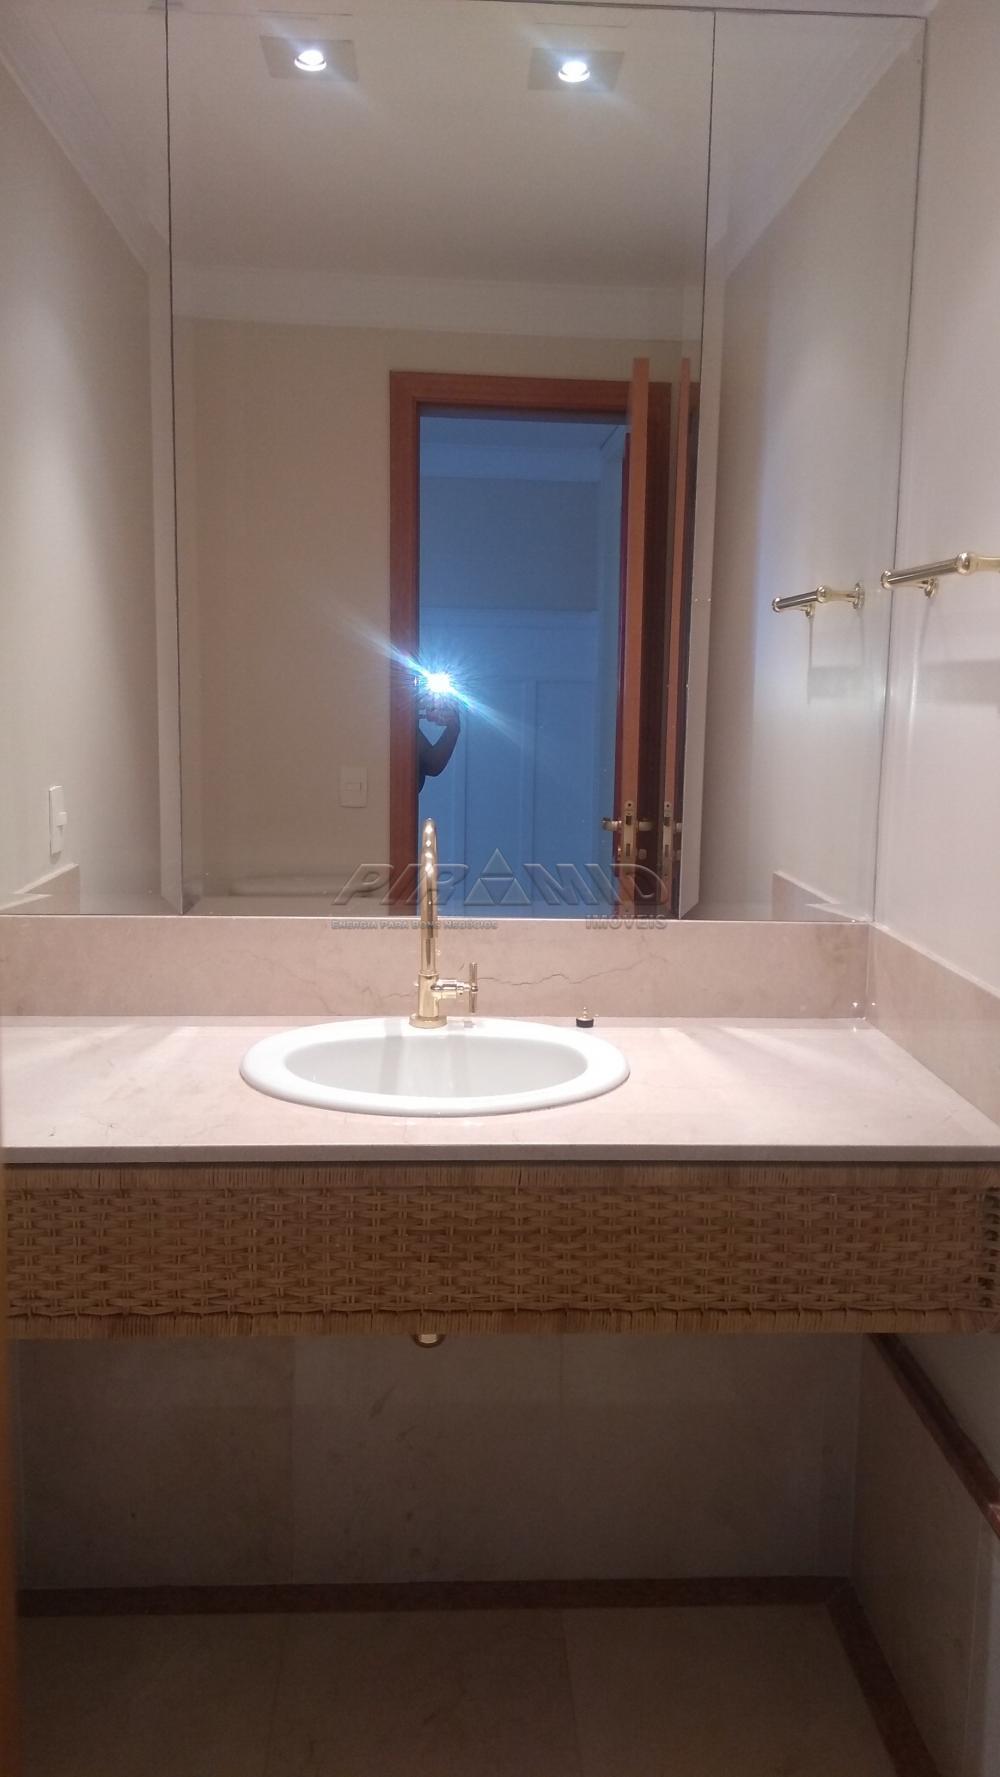 Alugar Apartamento / Padrão em Ribeirão Preto R$ 5.000,00 - Foto 5